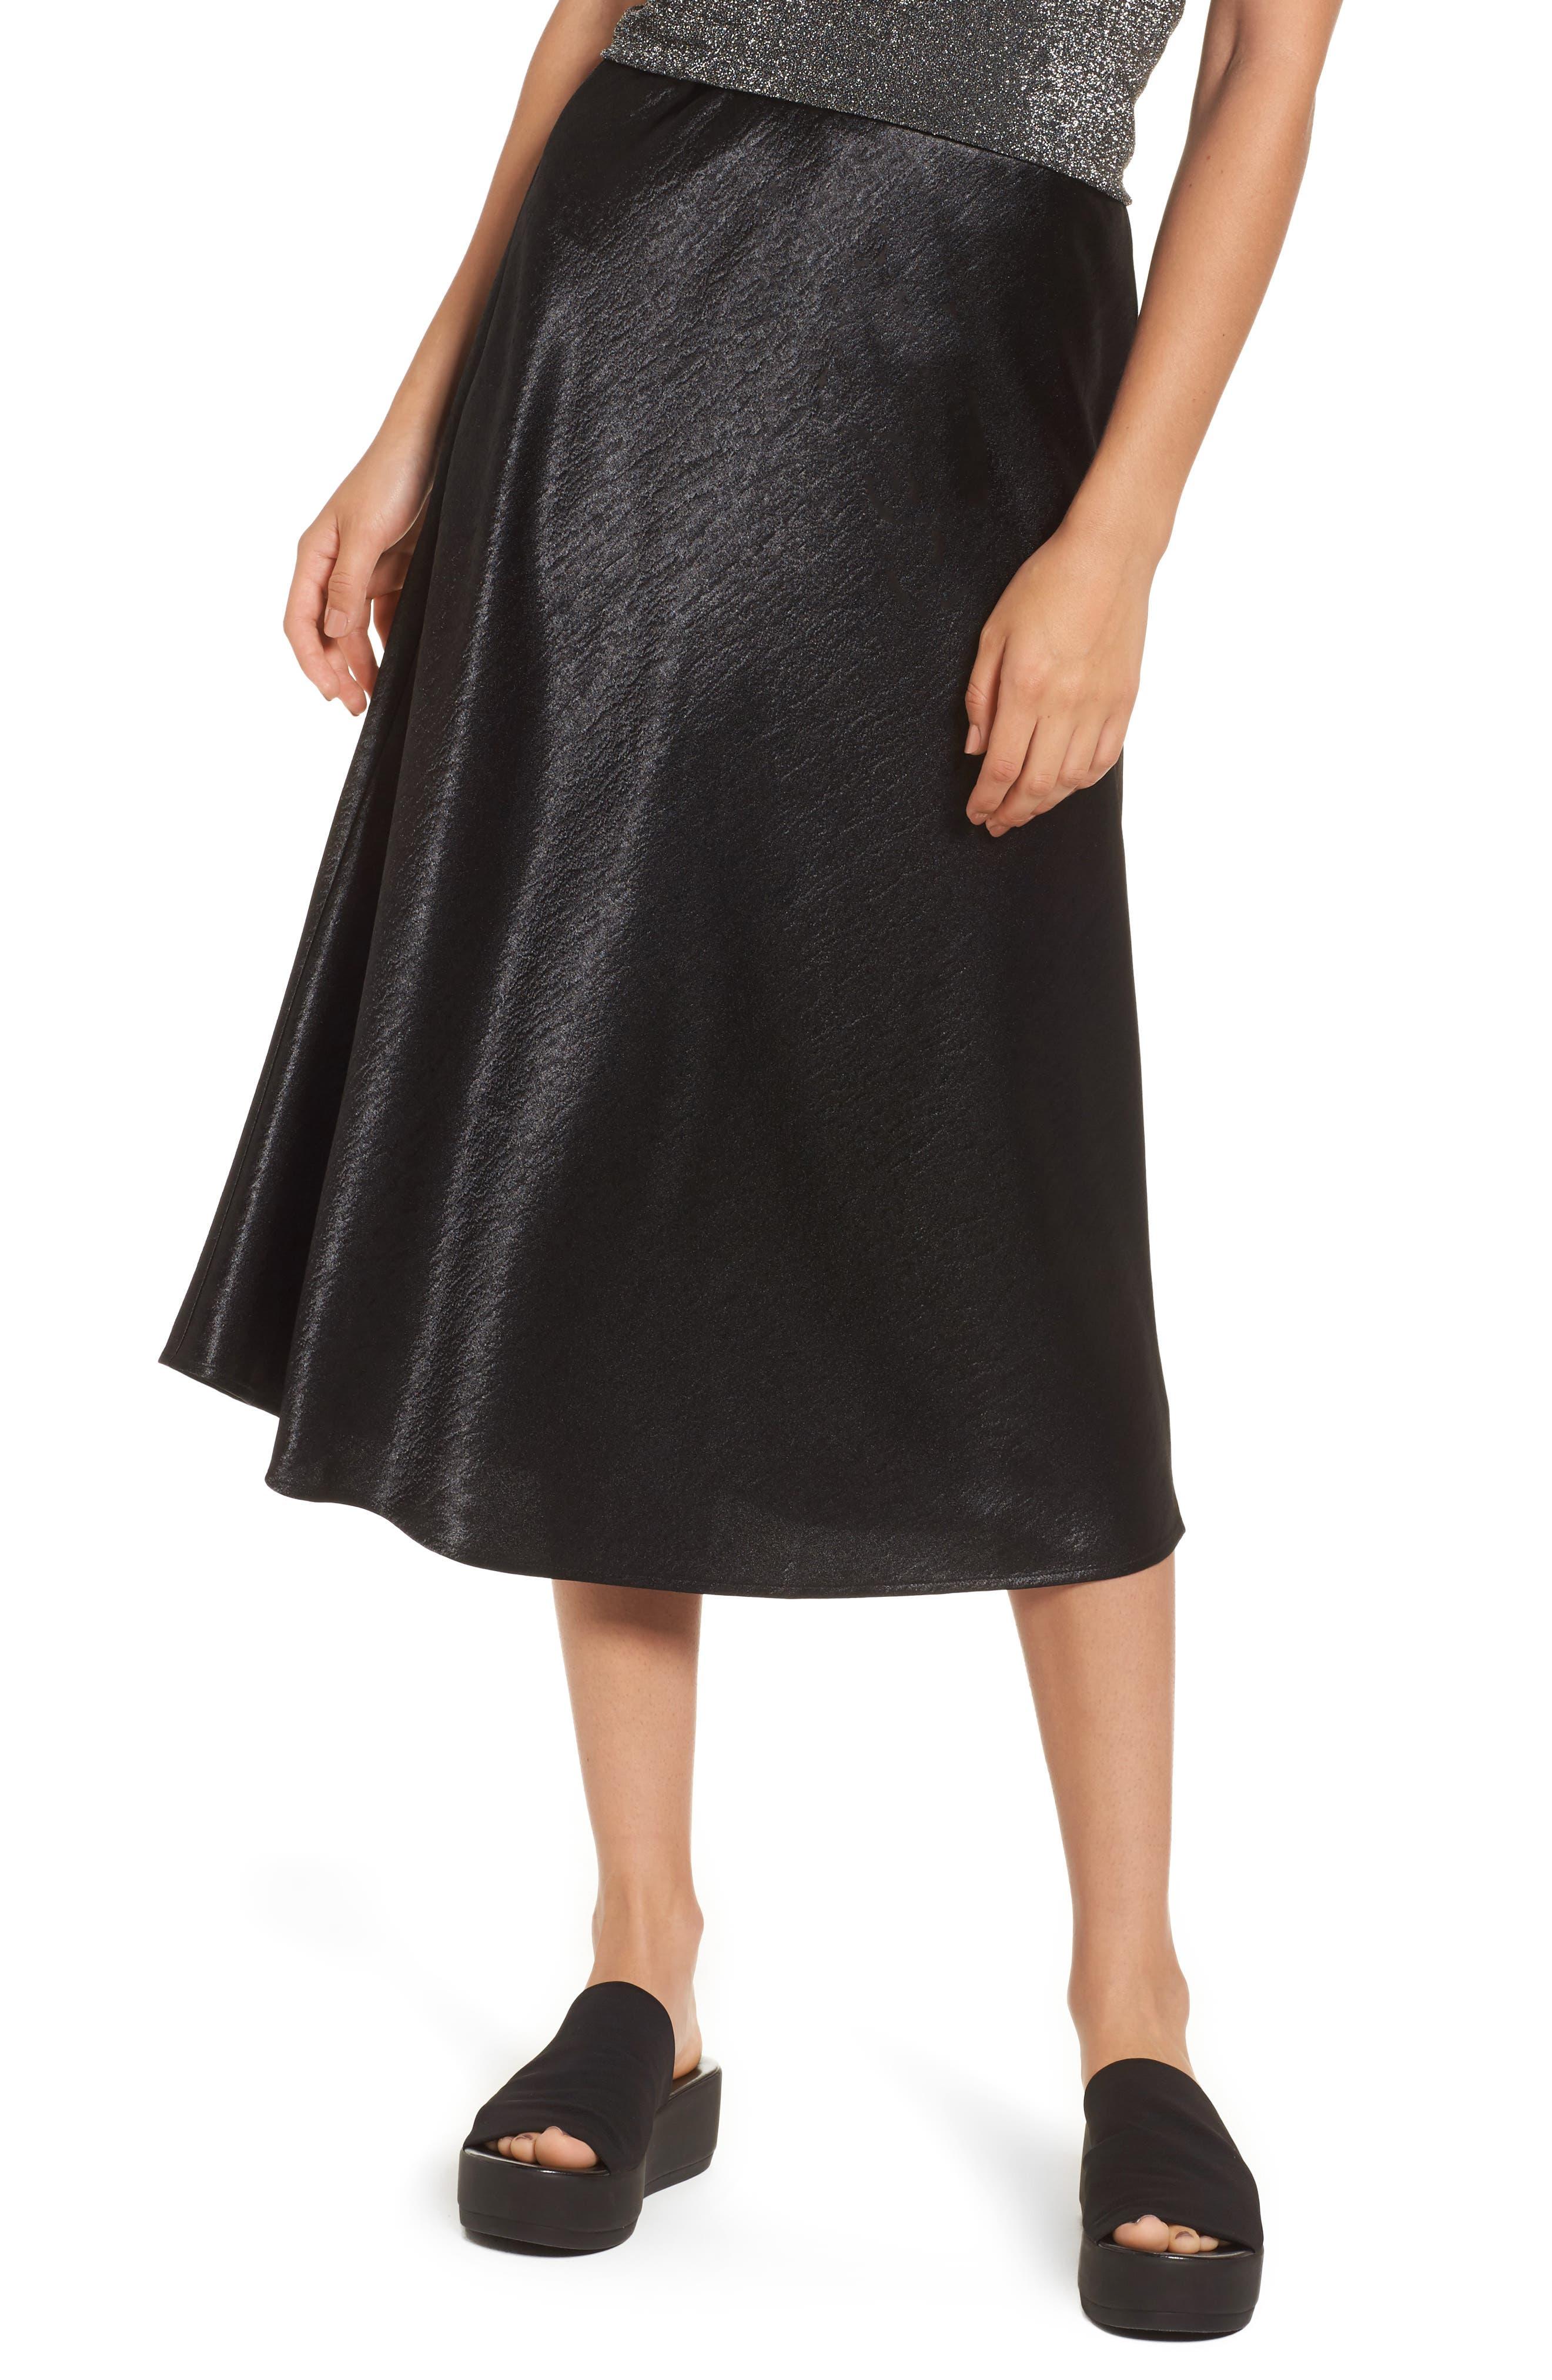 Alternate Image 1 Selected - Love, Fire Satin Midi Skirt